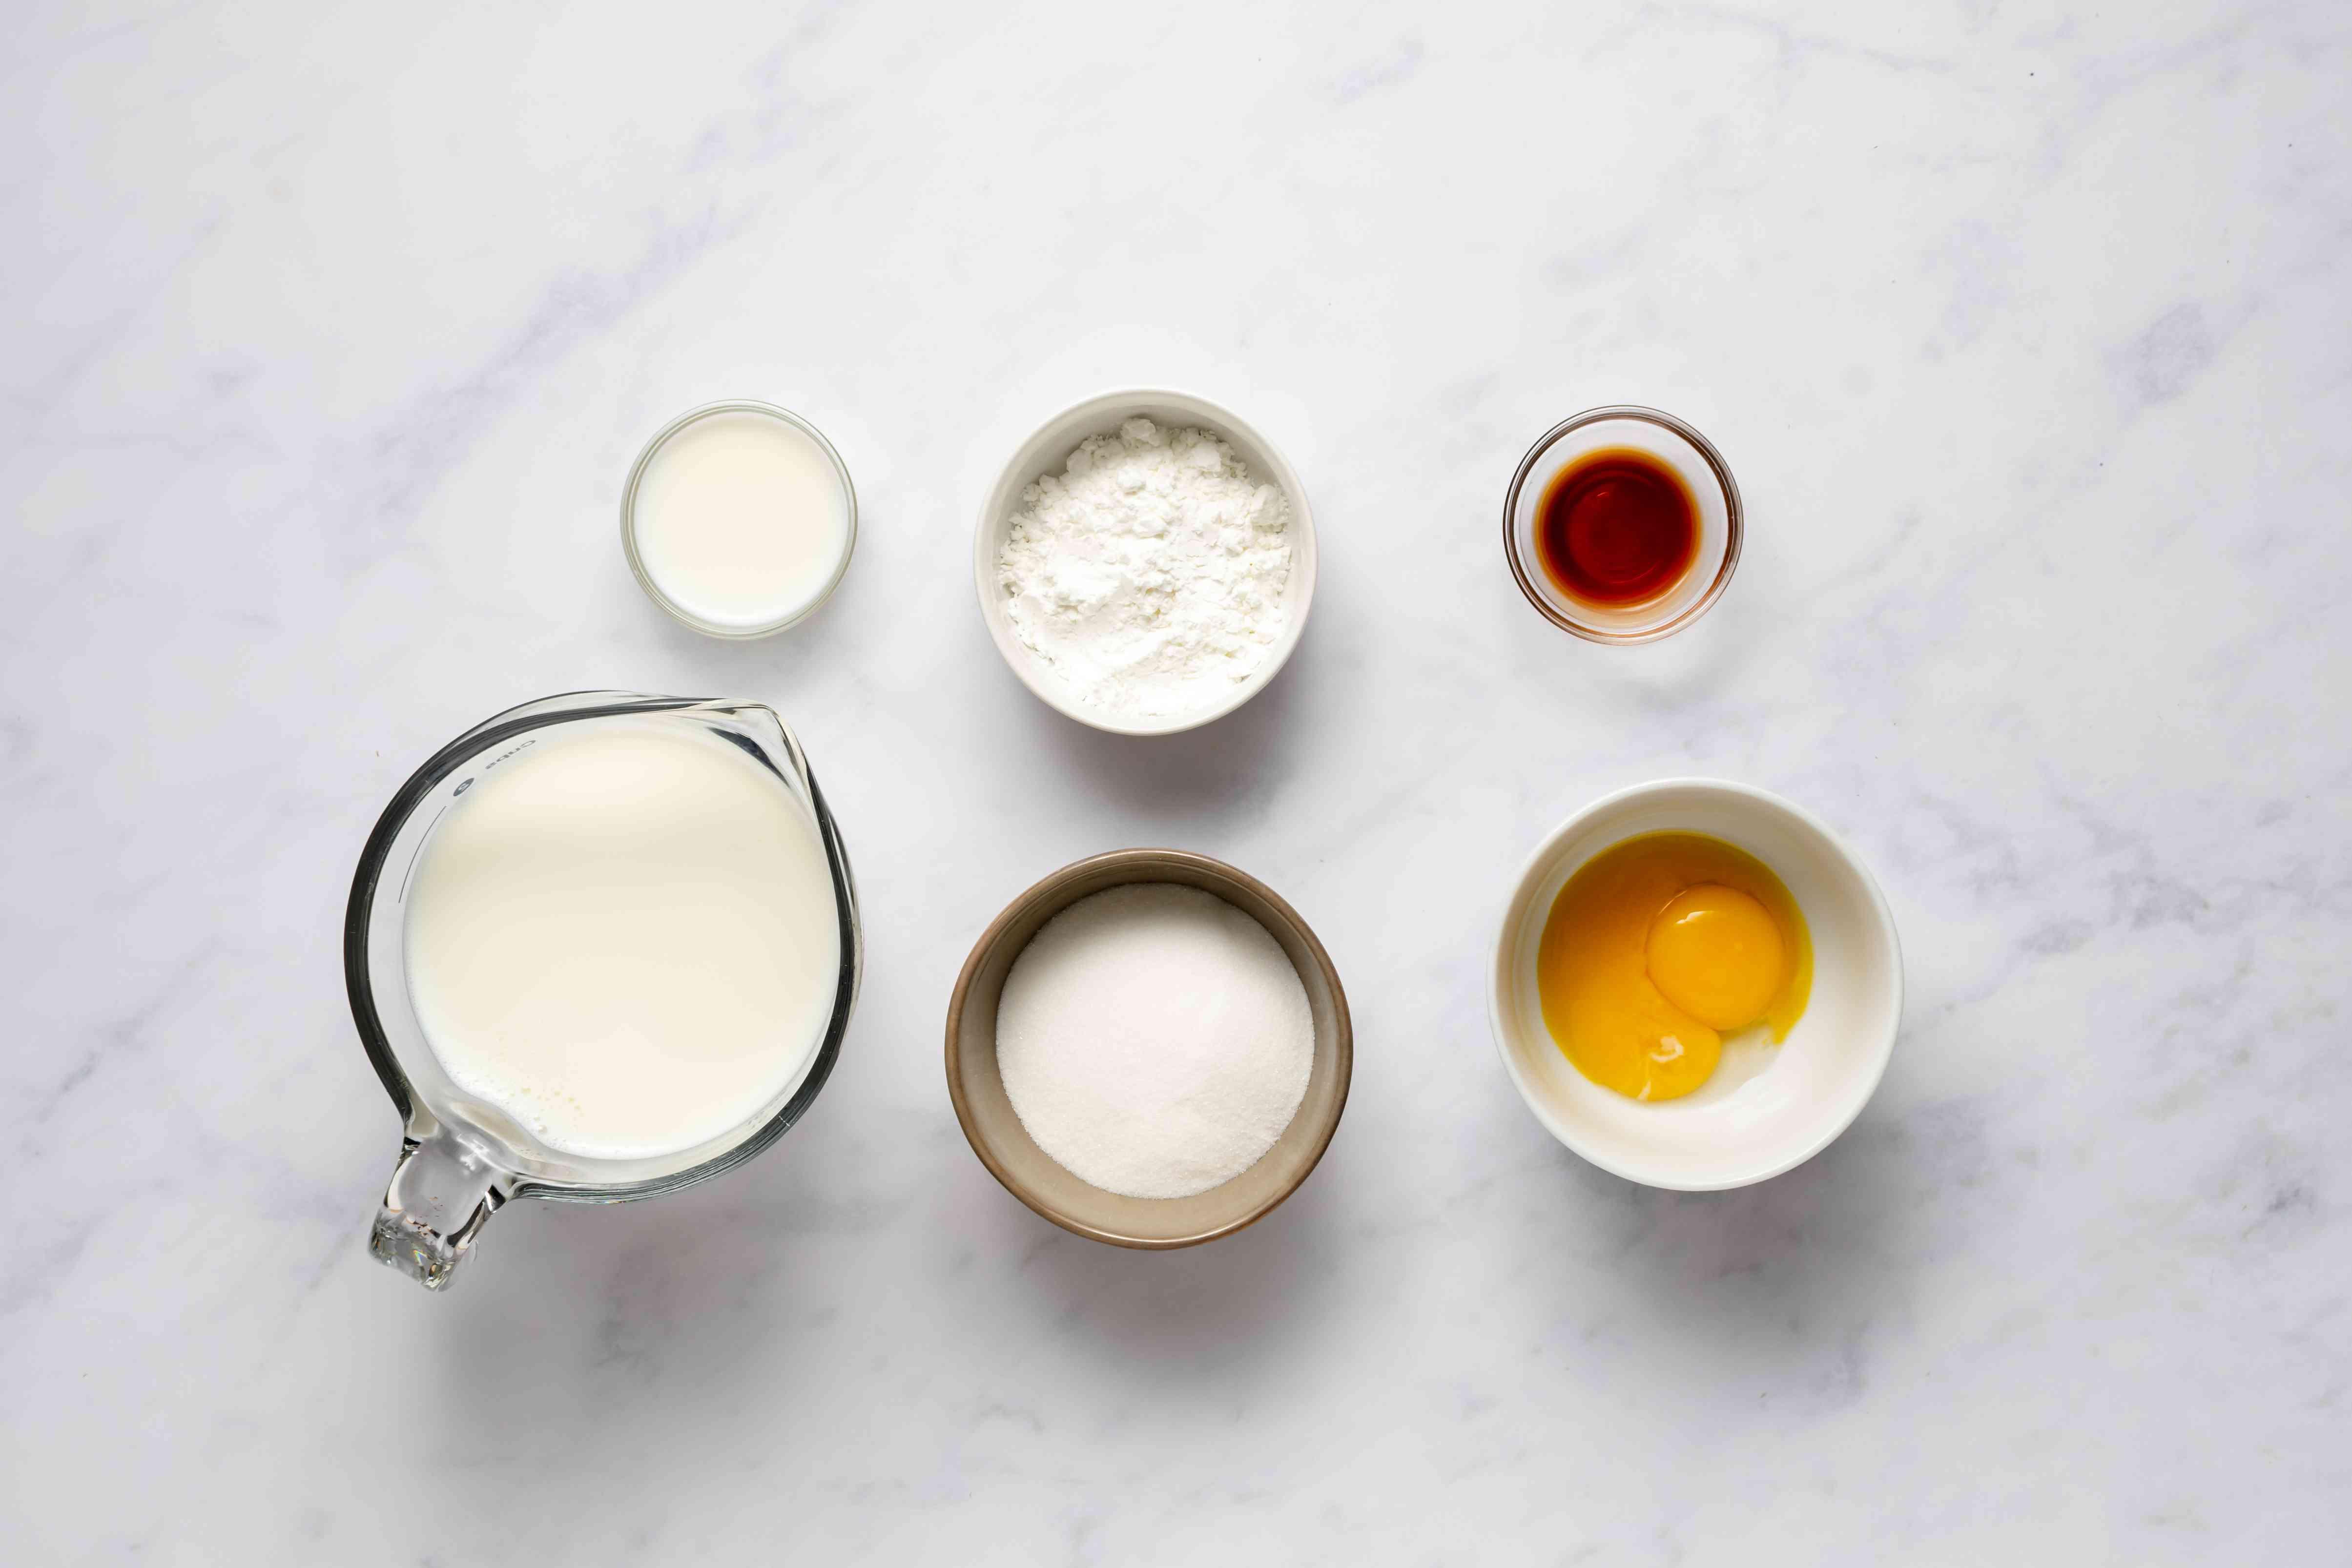 pastry cream ingredients